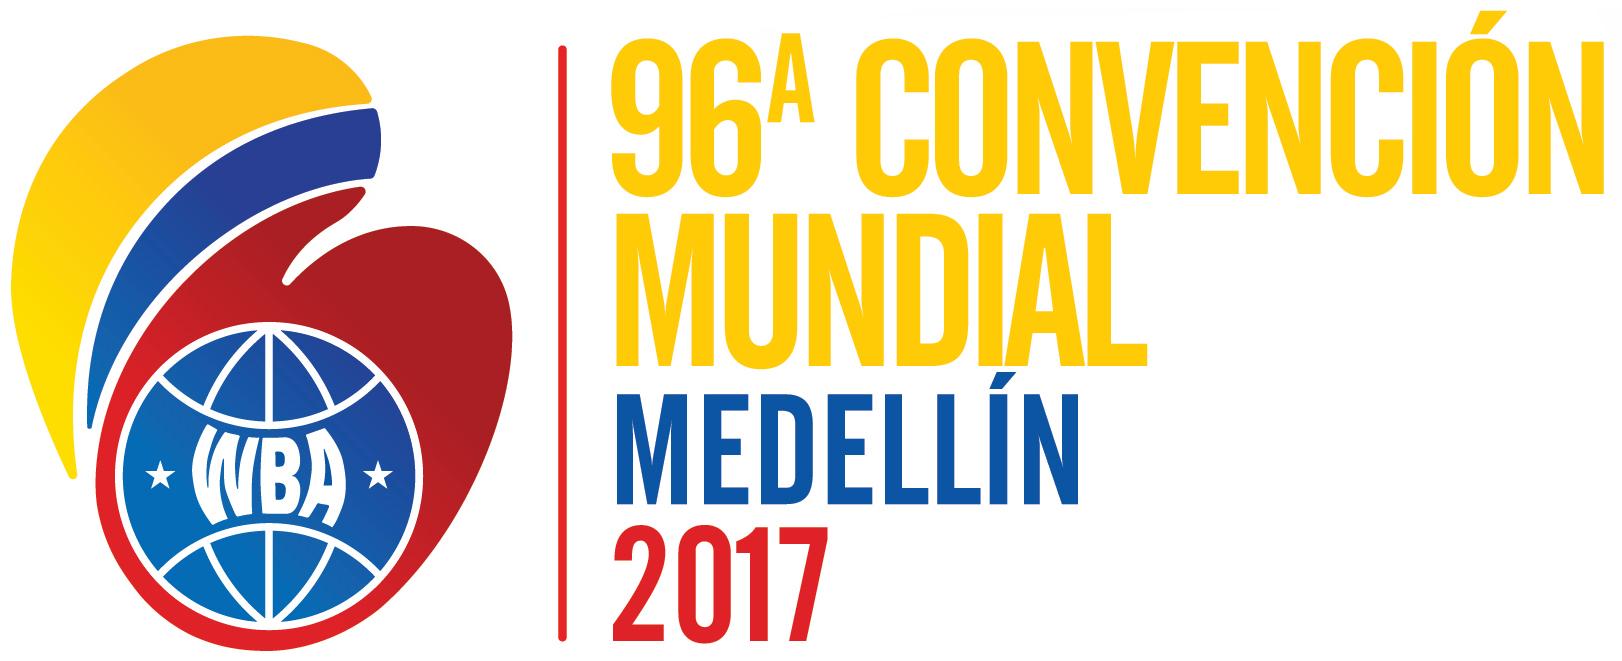 96ta Convención Mundial AMB, Medellín 2017